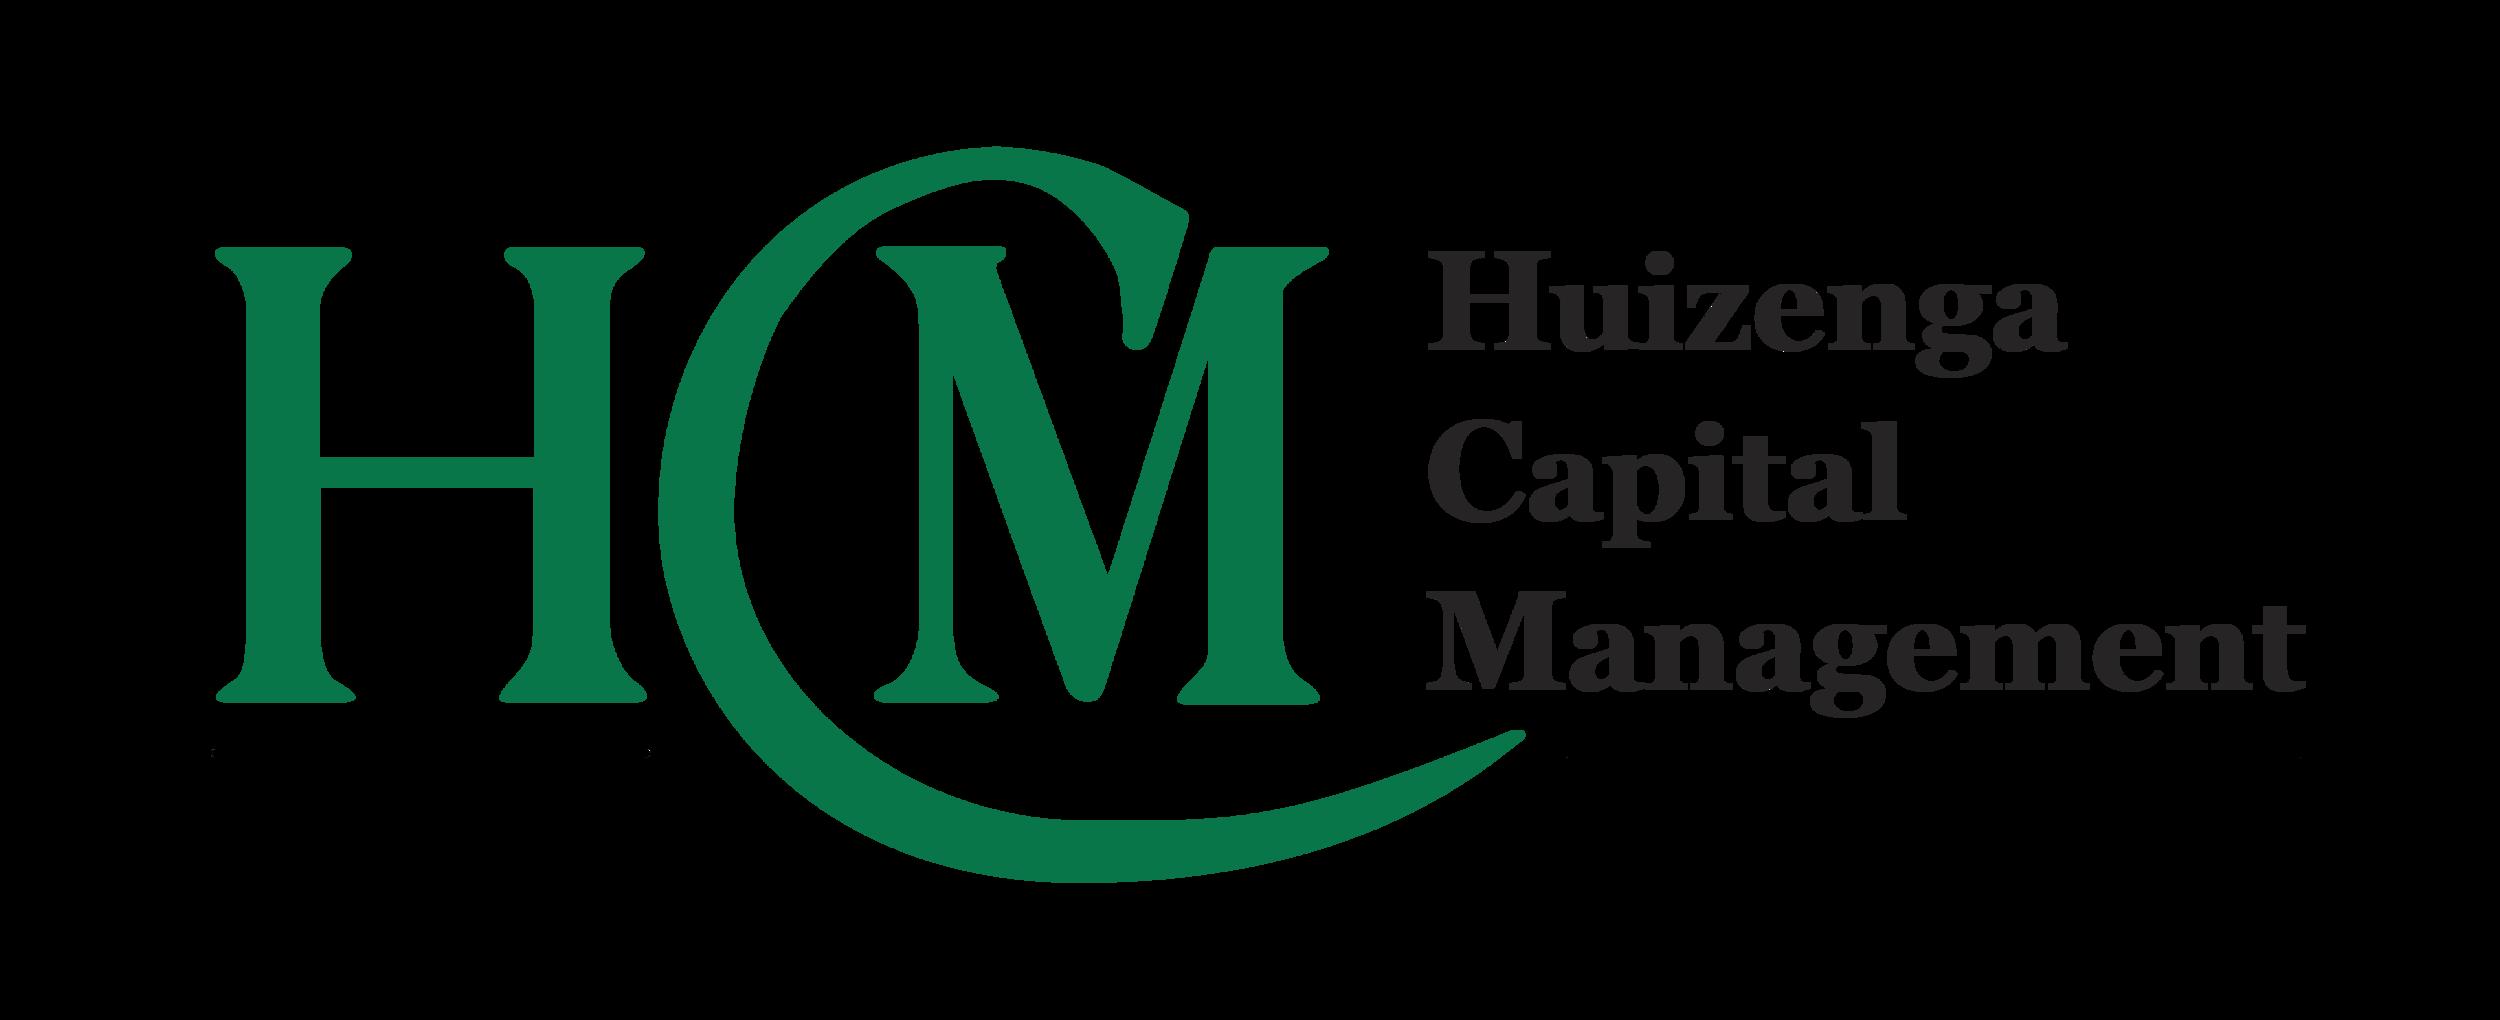 huizenga_capital_management_logo.png